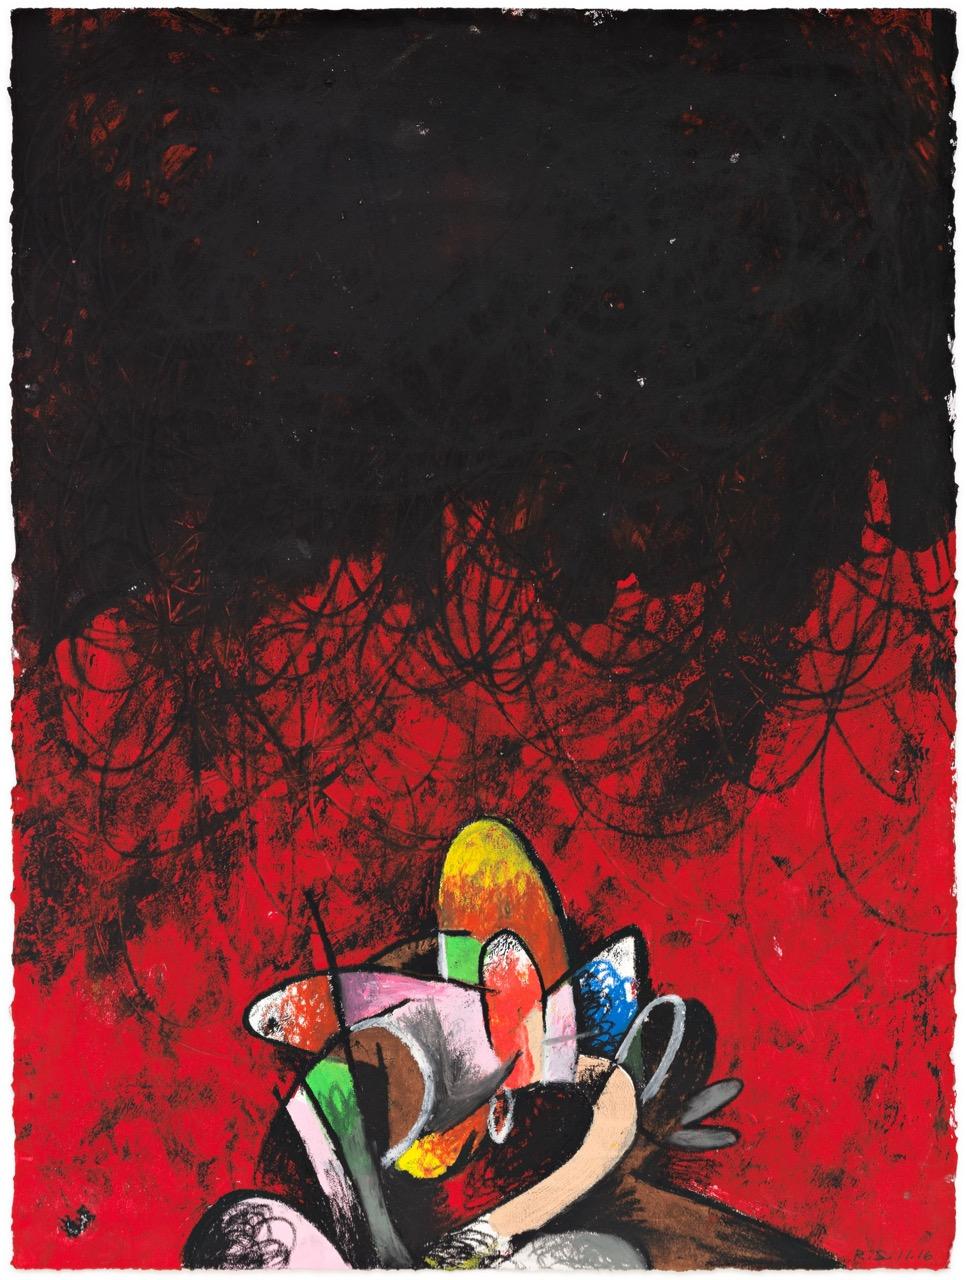 Reginald Sylvester Pace Prints AM  - 1 (1)